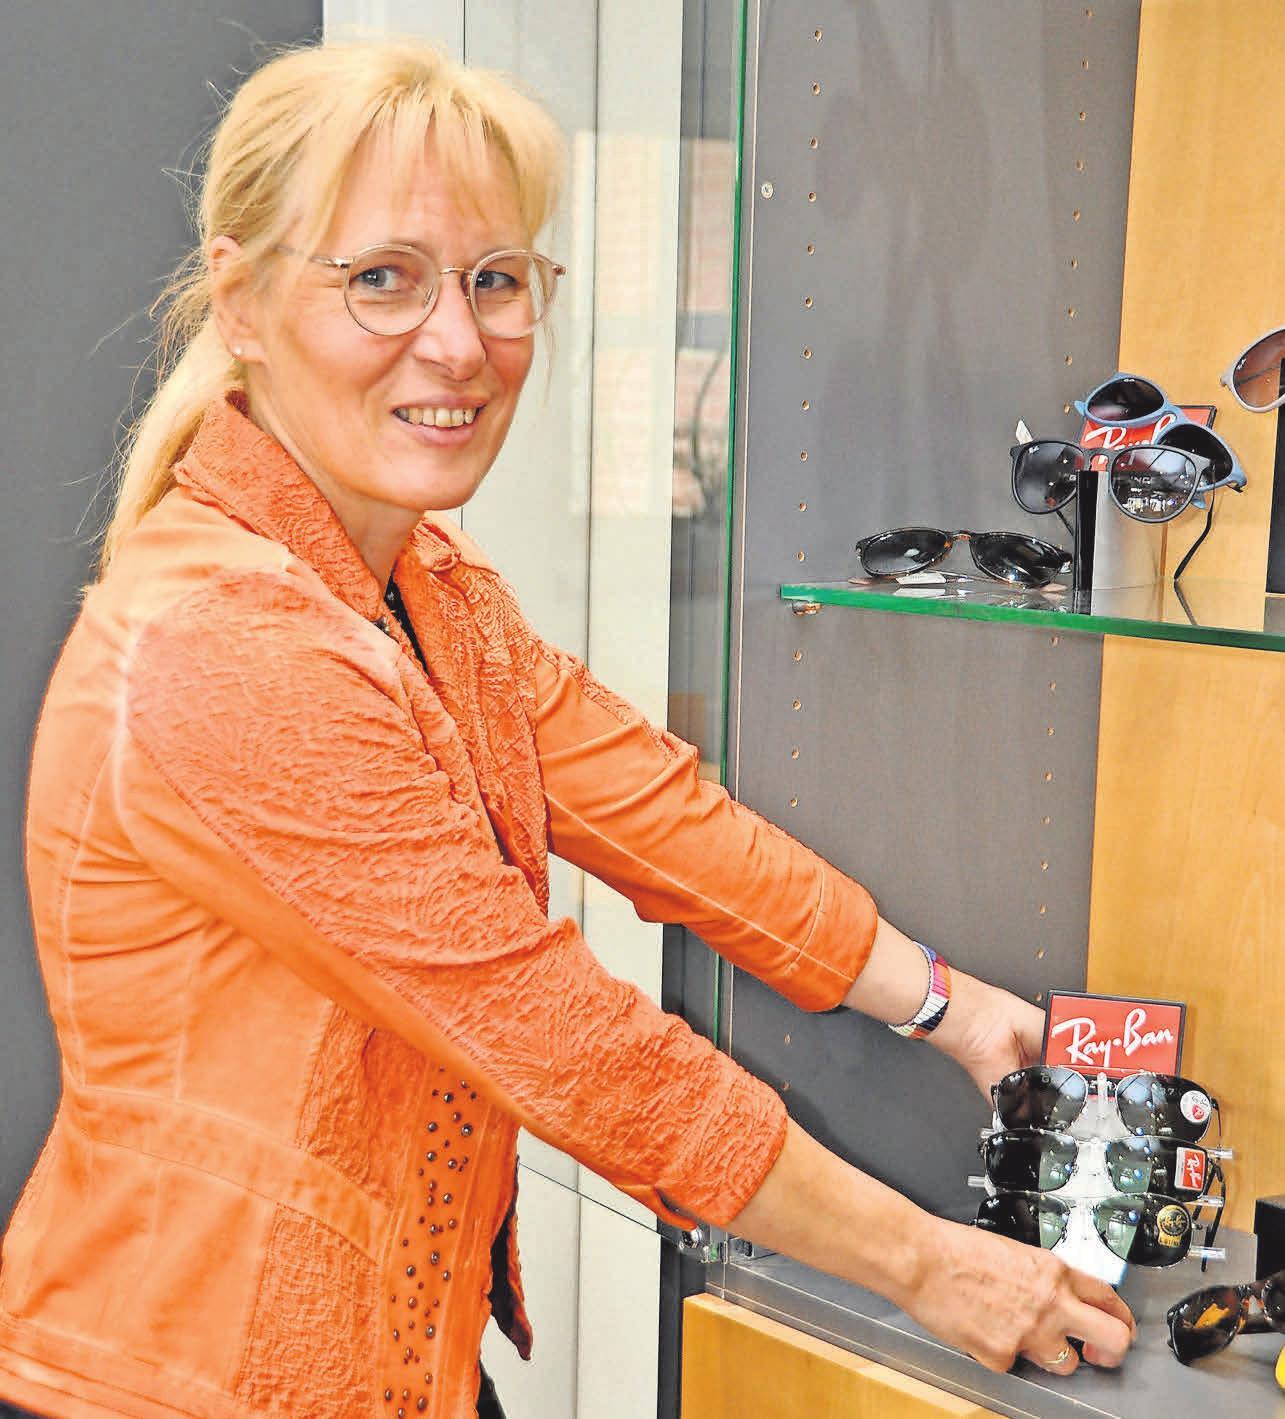 Augenoptikermeisterin Silvia Krone ist unter anderem Expertin in Bezug auf Varilux-Gleitsichtbrillengläser für stufenloses Sehen in allen Entfernungen.